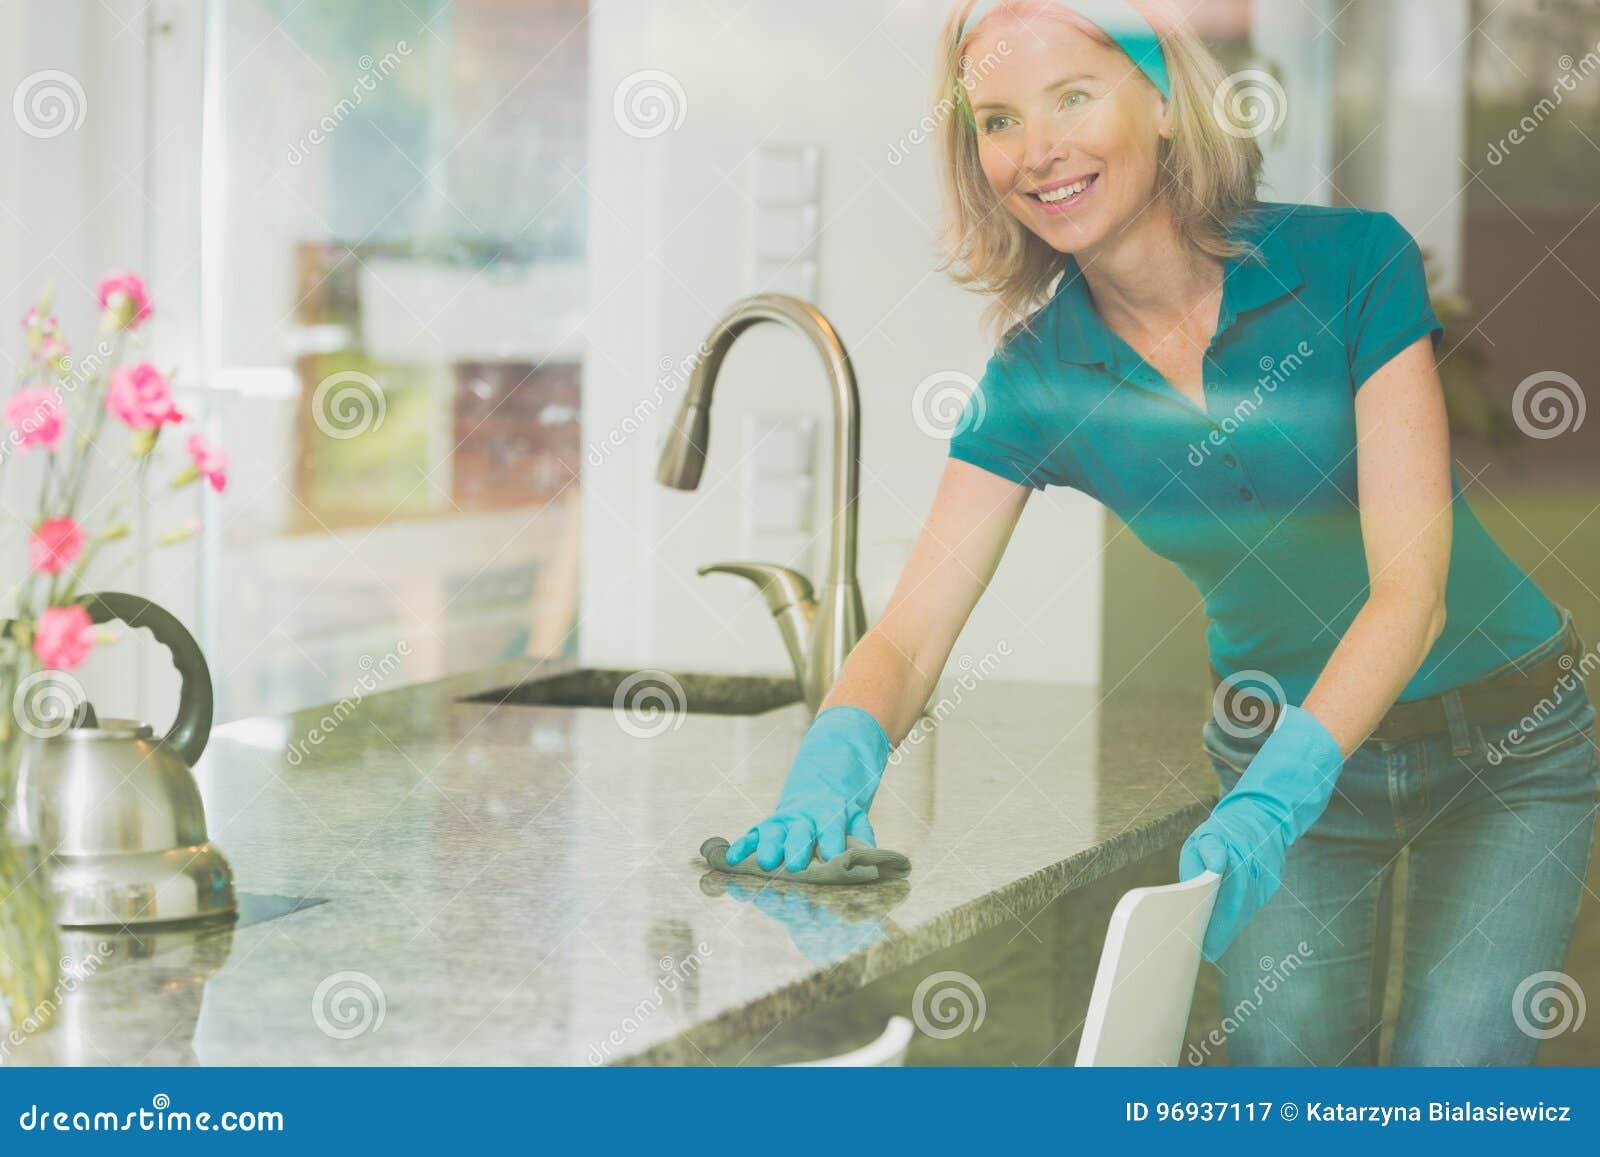 Hausfrau wischt Gegenspitze ab